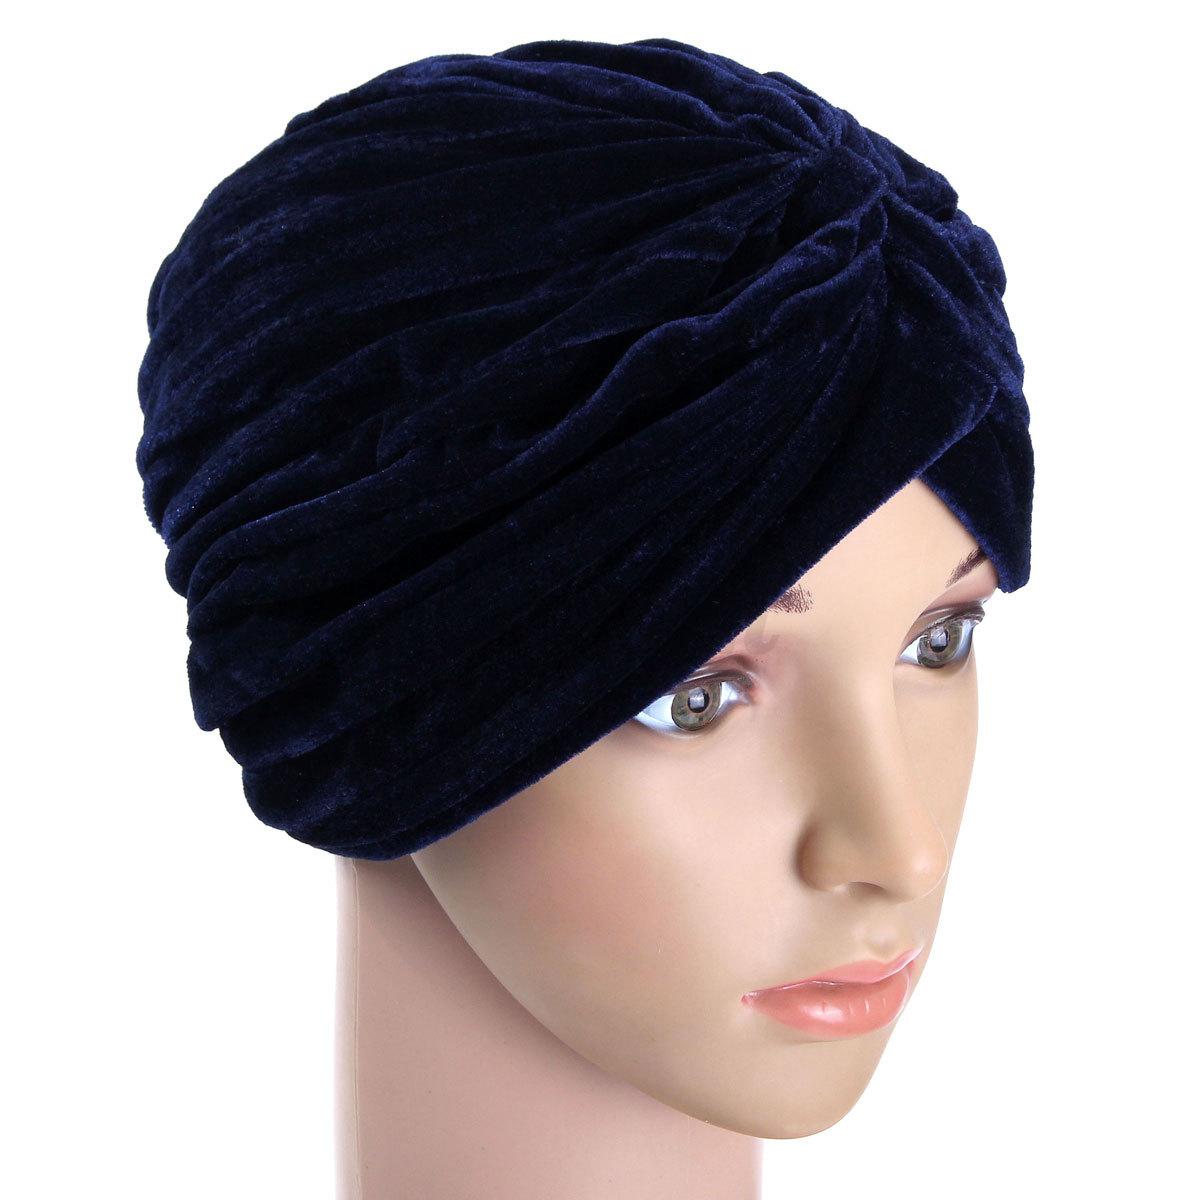 femme bonnet chapeau turban velours indien foulard hijab chaud souple hiver ebay. Black Bedroom Furniture Sets. Home Design Ideas